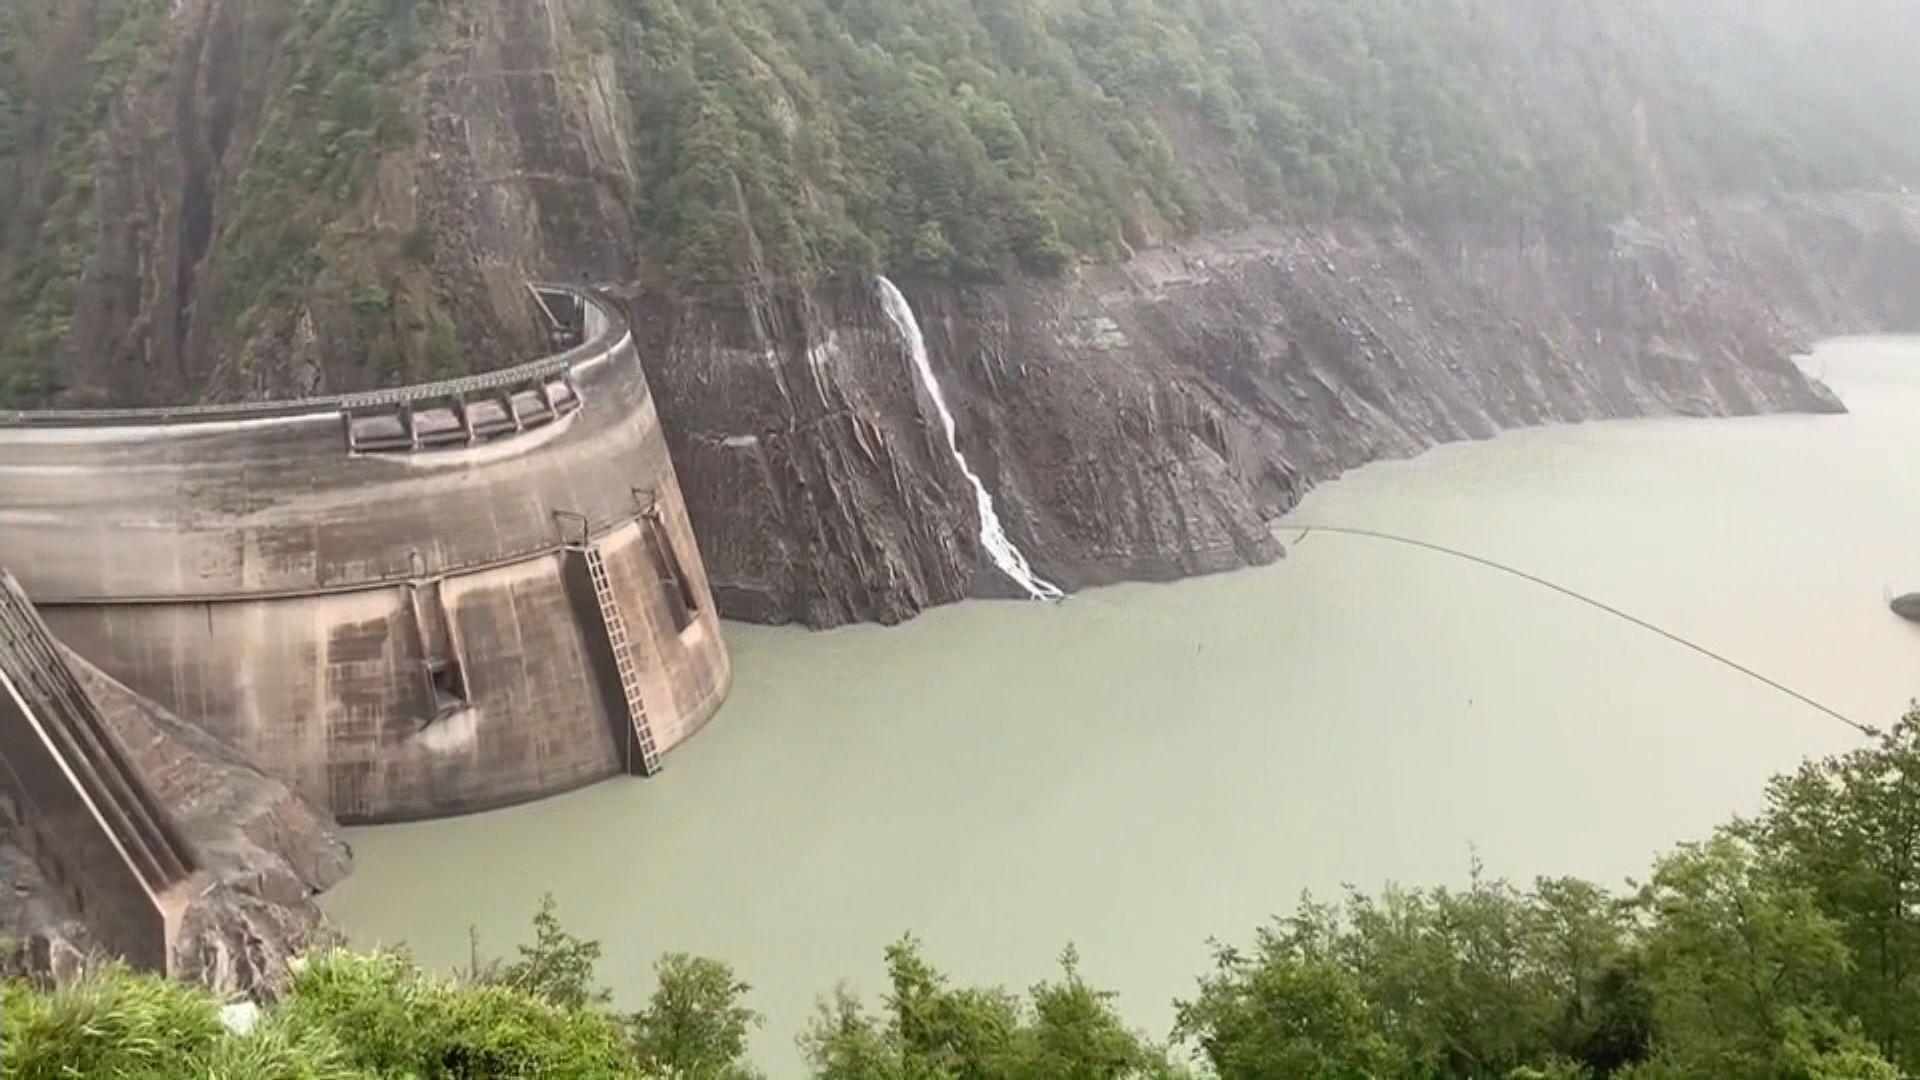 台灣及時雨補充北部地區水庫存量 惟中南部旱情仍嚴峻